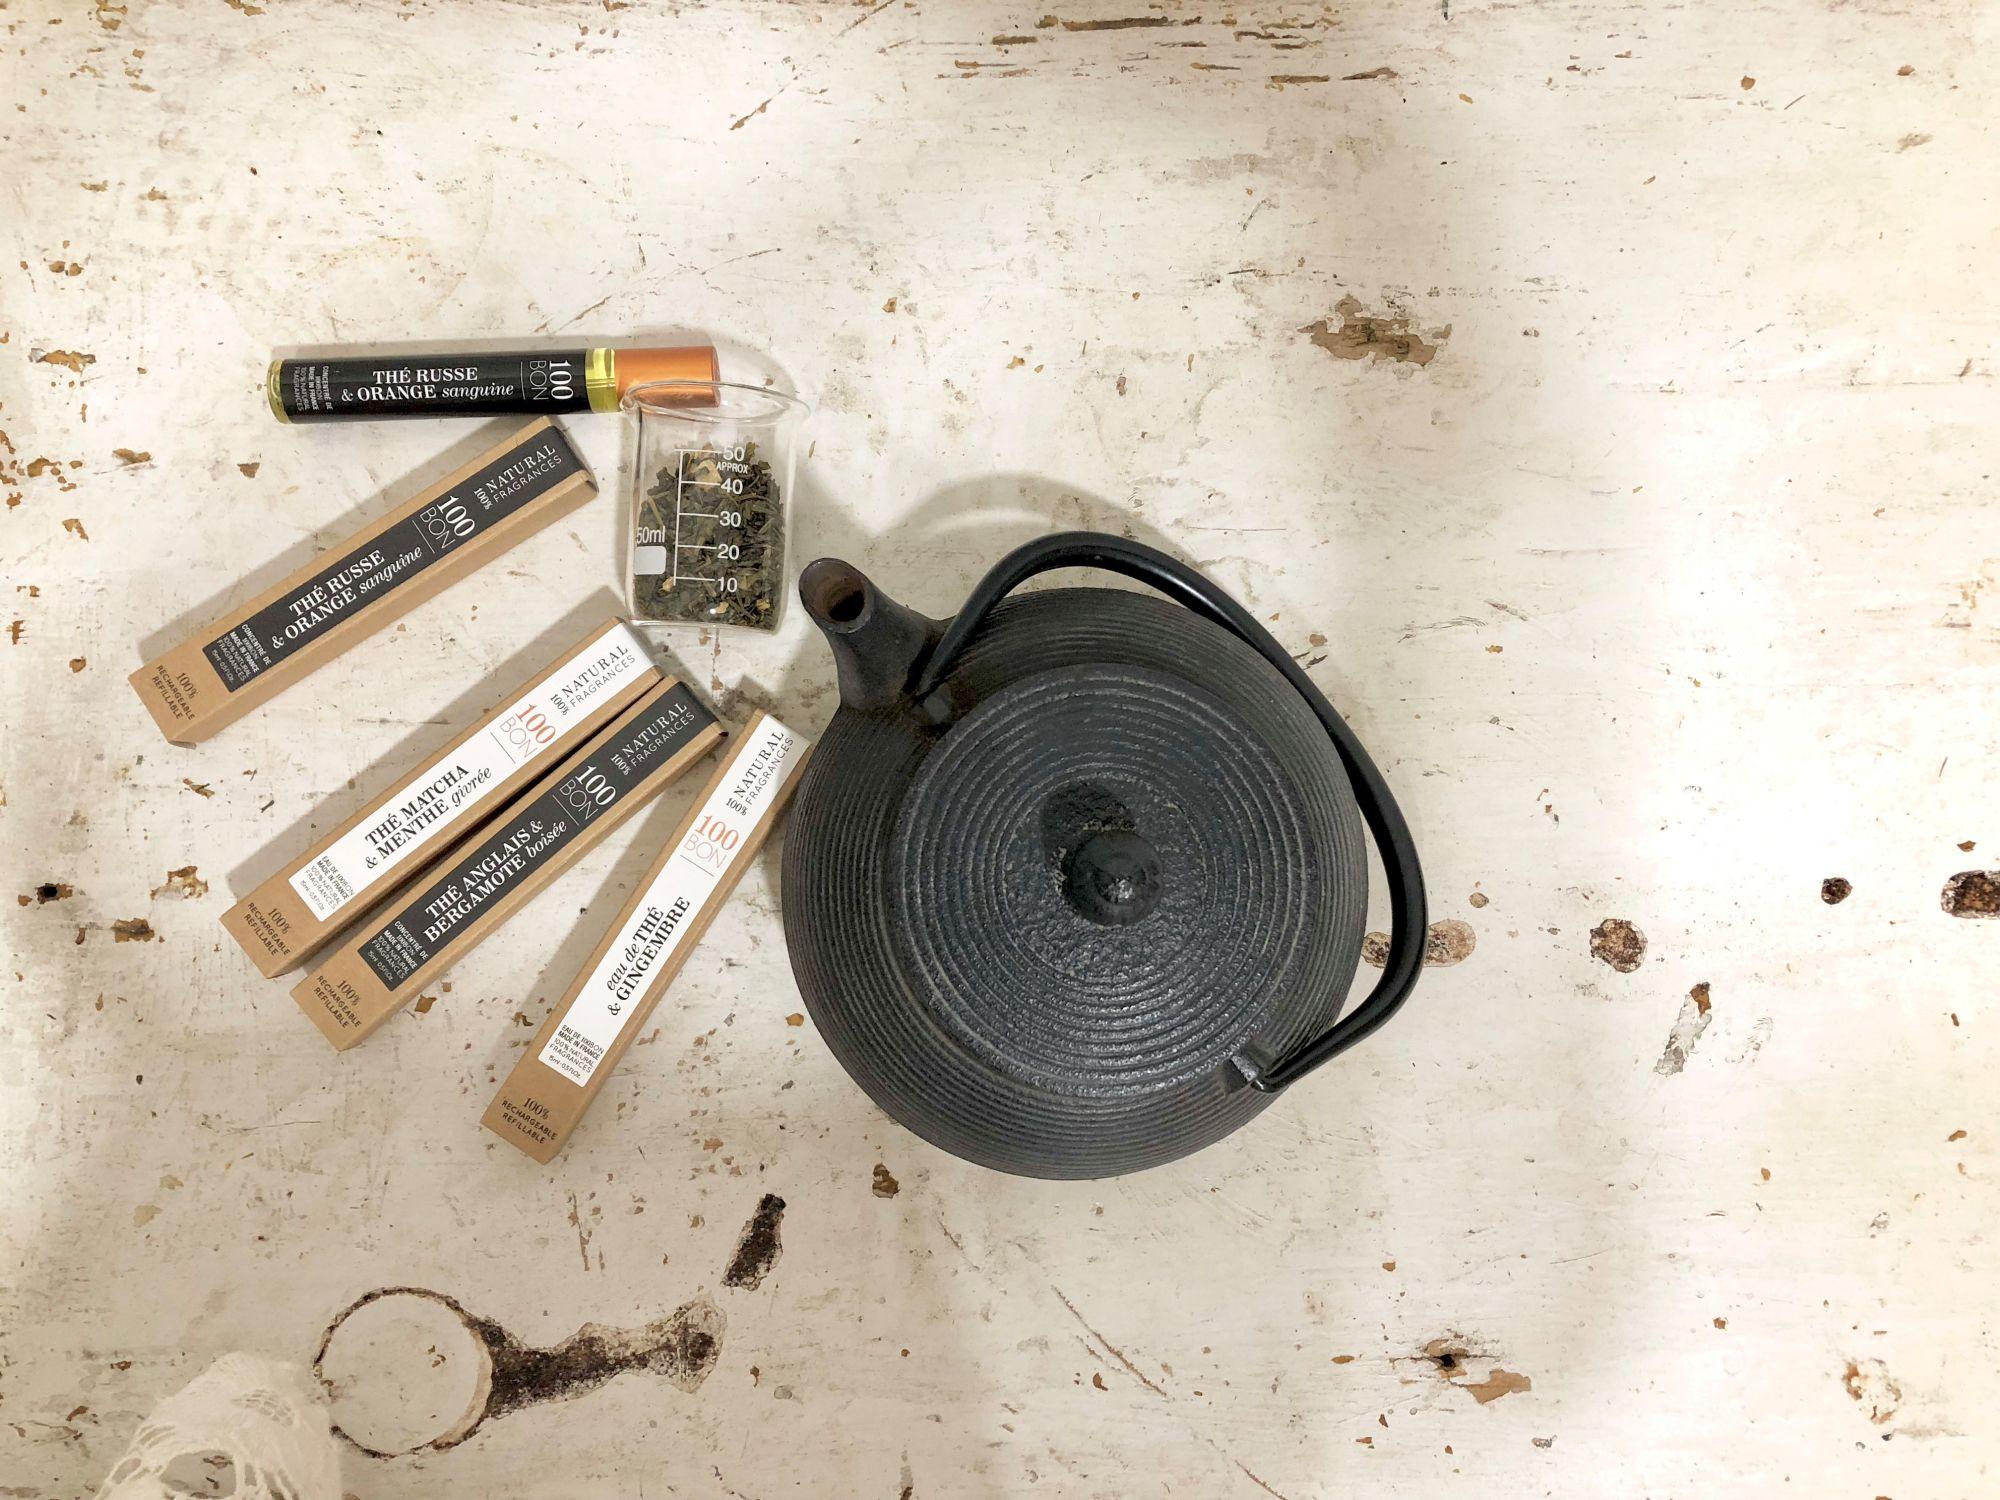 法國天然香水100bon推出全新茶韵系列!用新鮮茶香堆疊出最迷人的靈魂